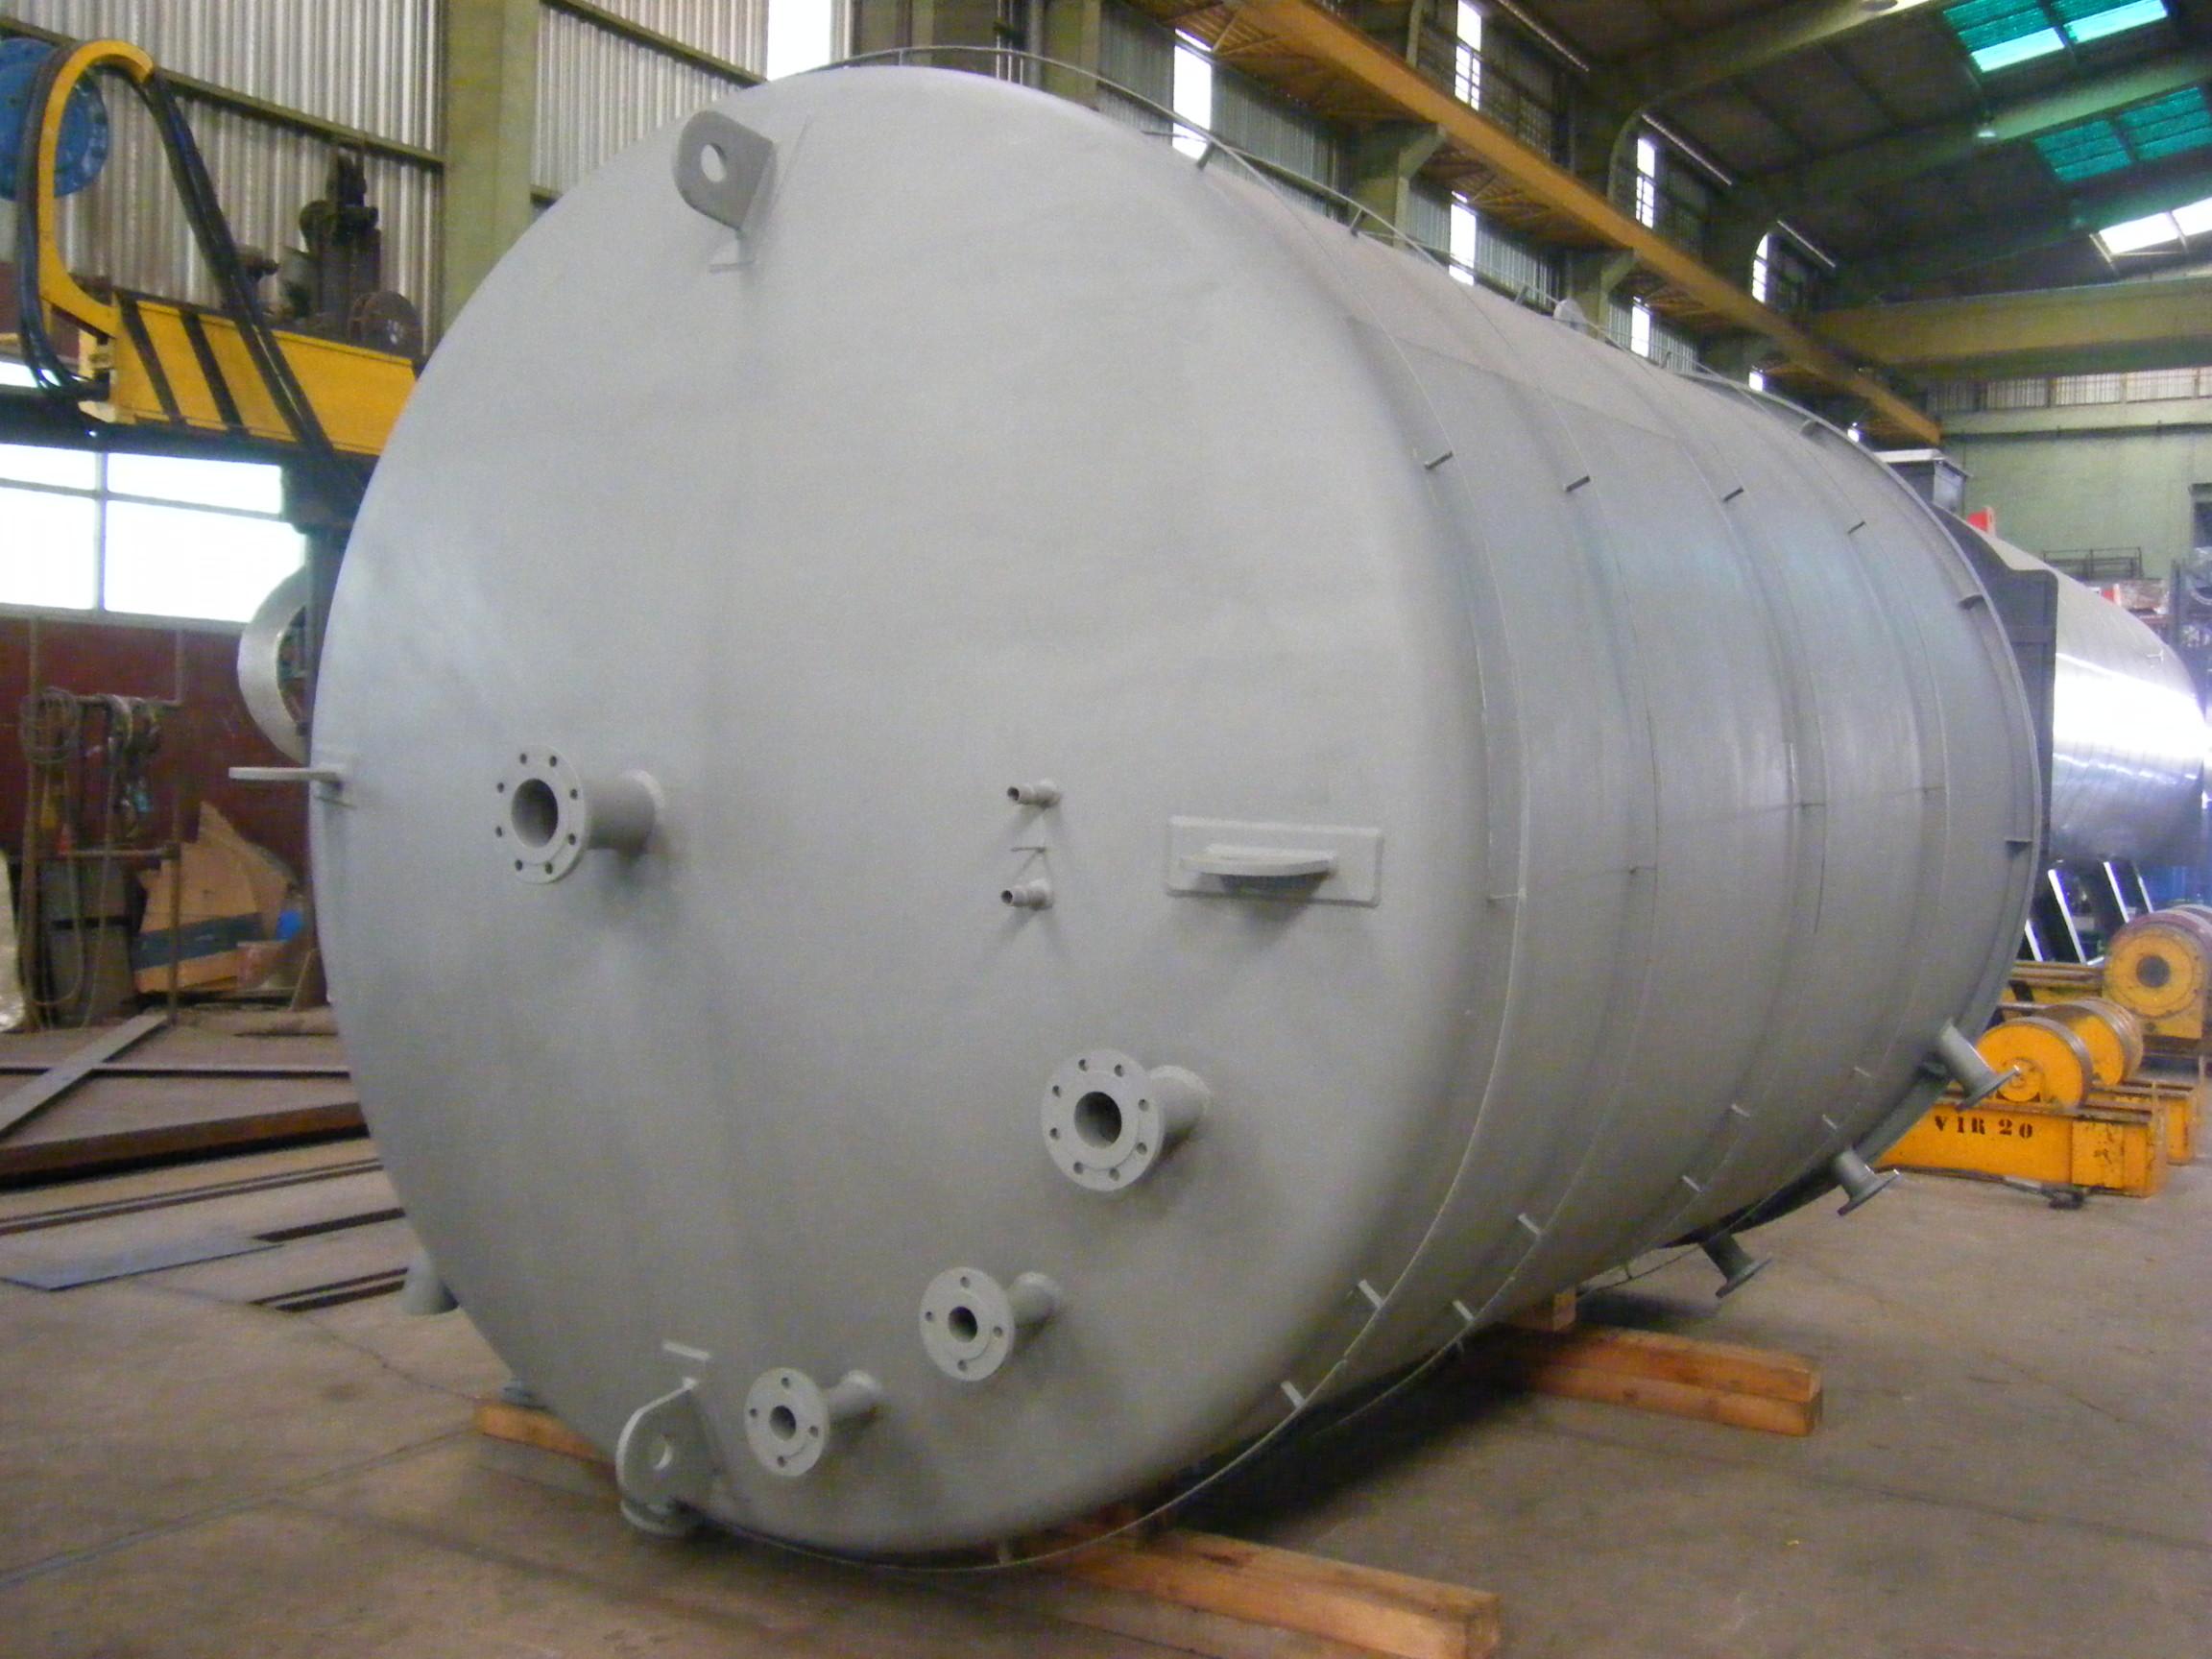 deposito nodriza de agua calderas de vapor 2 Calderería López Hermanos, S.A. Valencia